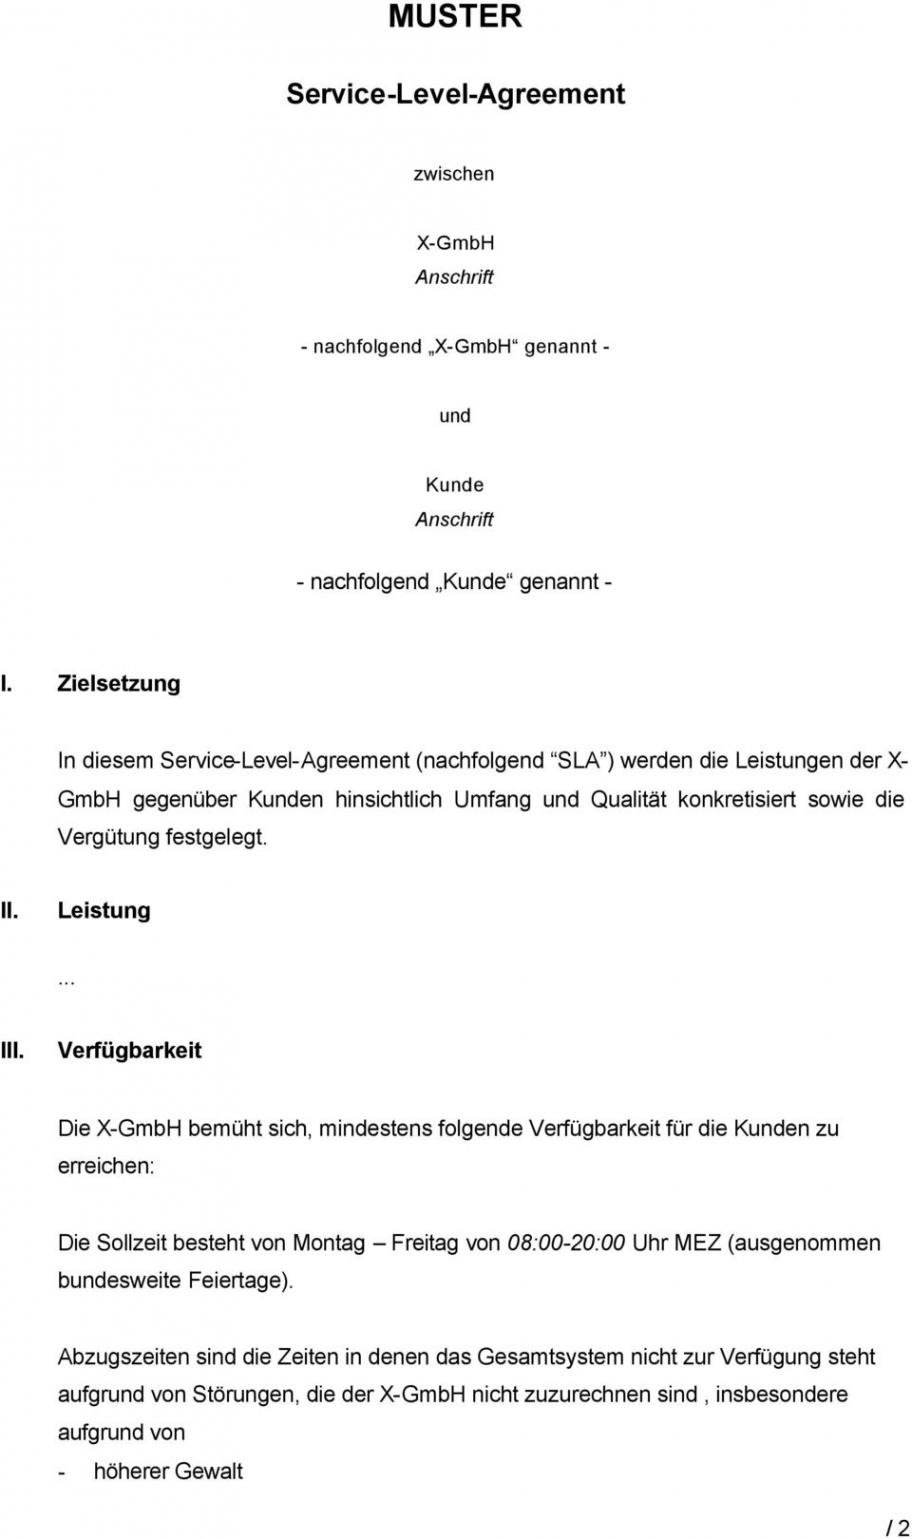 [%Eine Probe%|Porbe|] vonMuster Servicelevelagreement Zwischen Xgmbh Anschrift Service Level Vereinbarung Vorlage